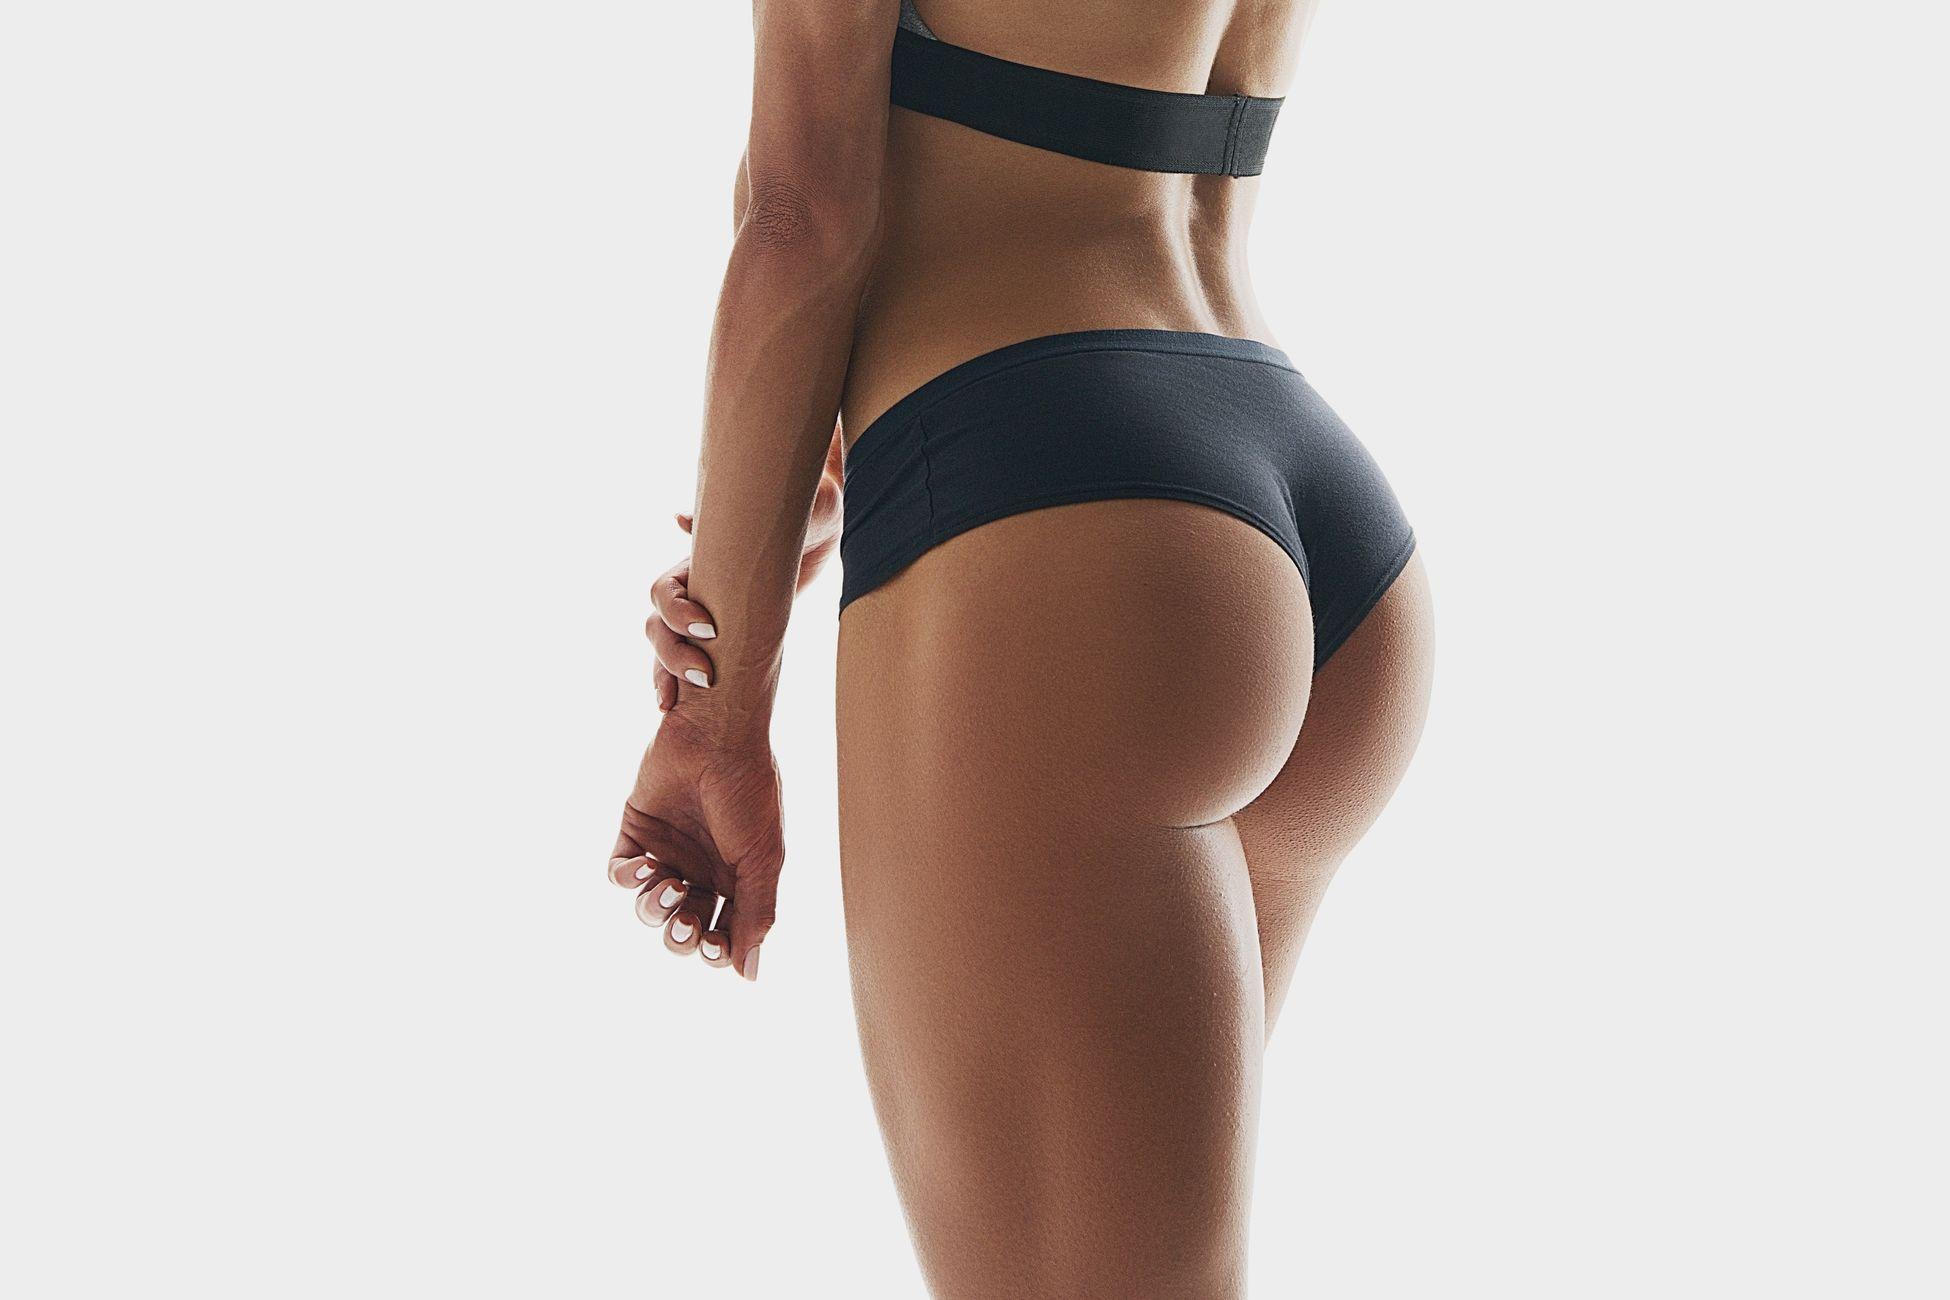 Brazilian Butt Lift (BBL) - Zty Health